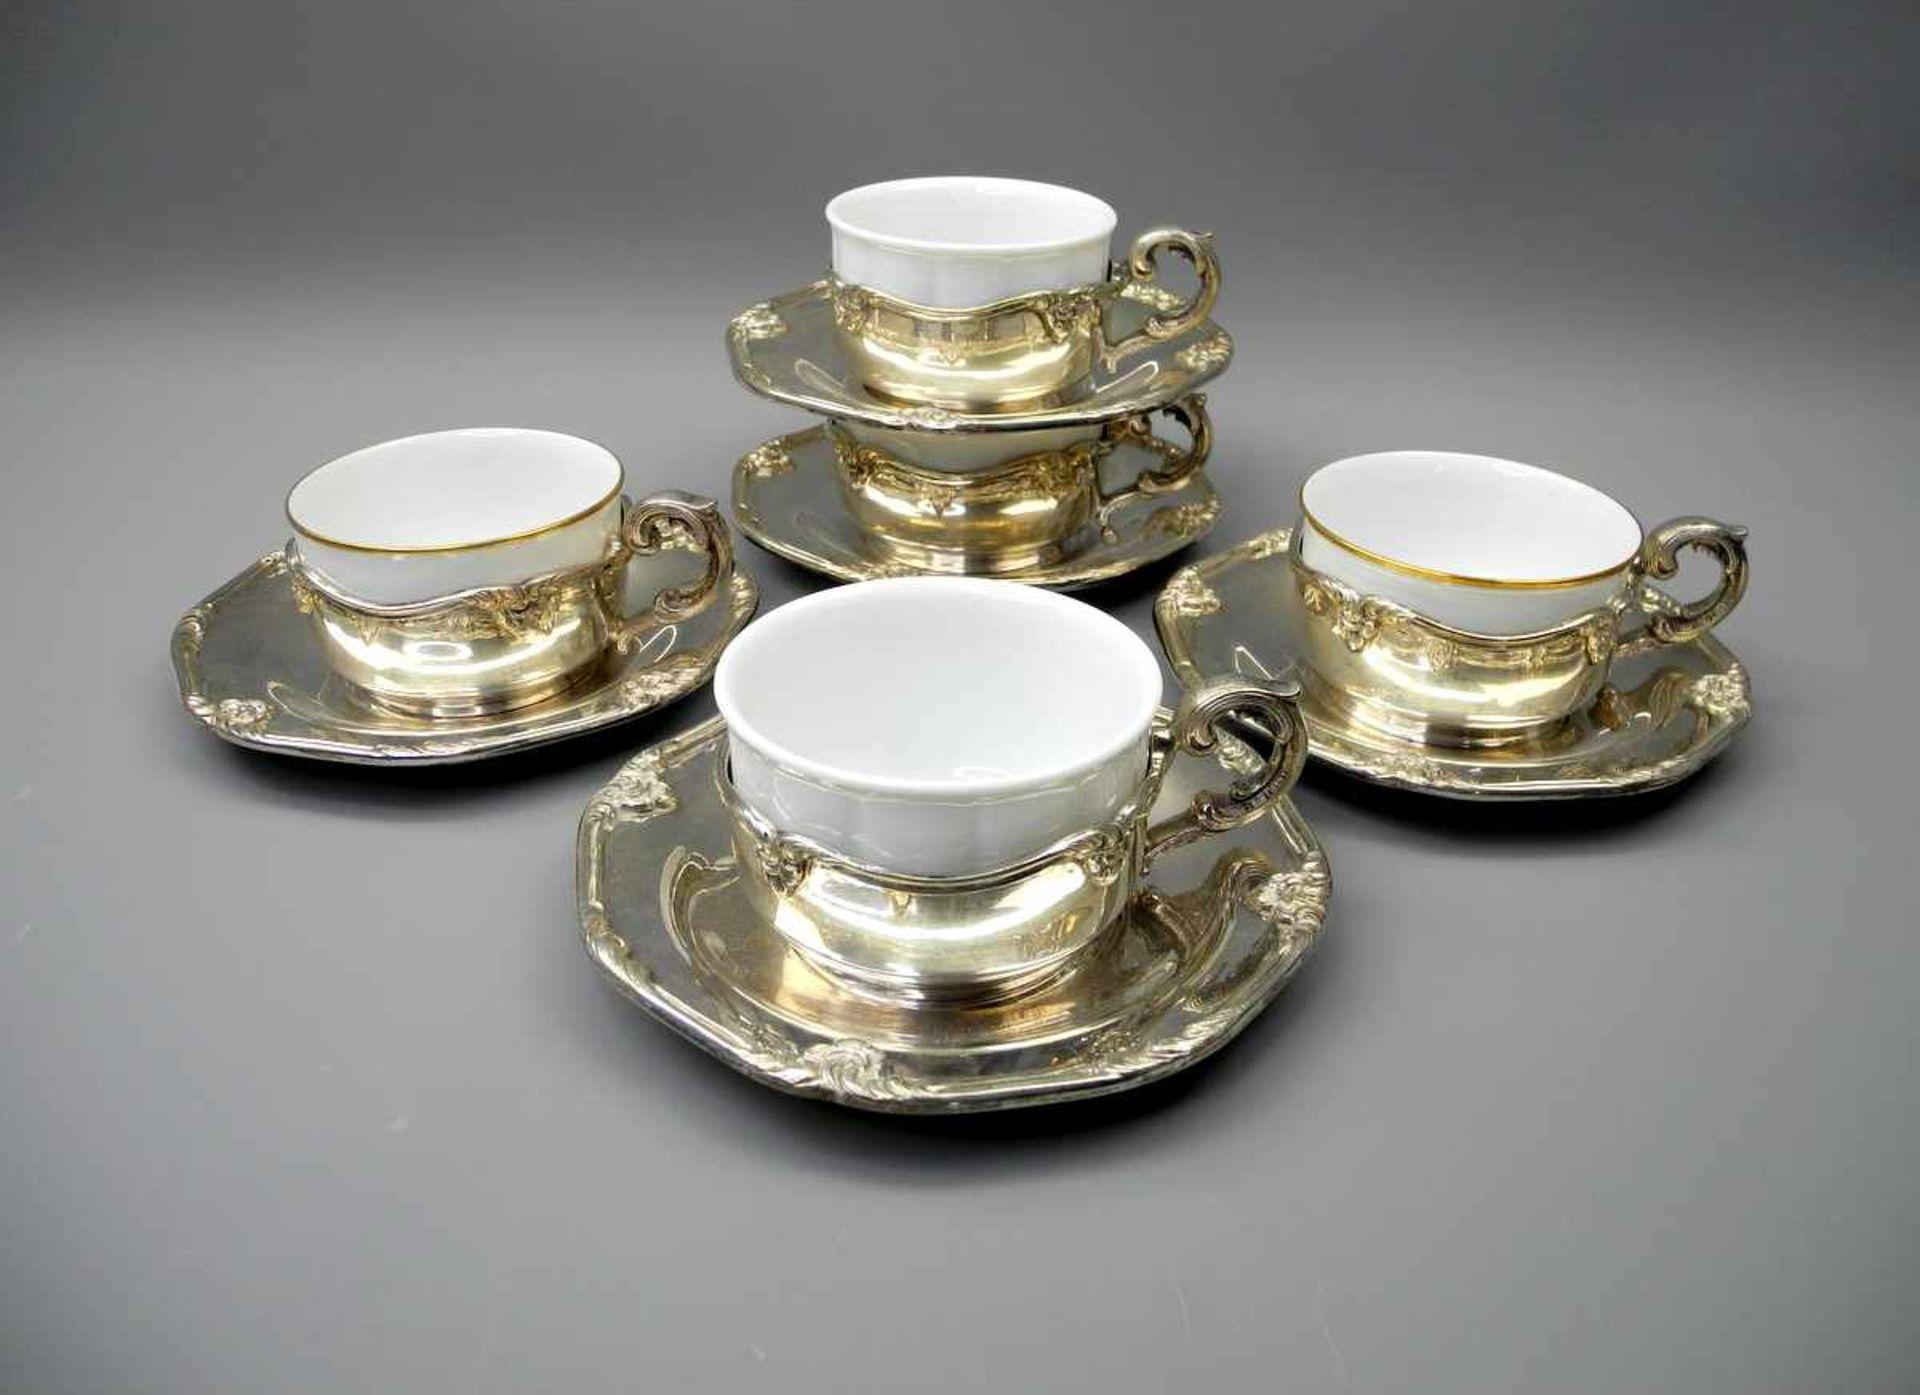 Los 12 - 5 Suppentassen mit Silber-Einfassungen und -UntertellernPorzellan/Silber 800, Teller und